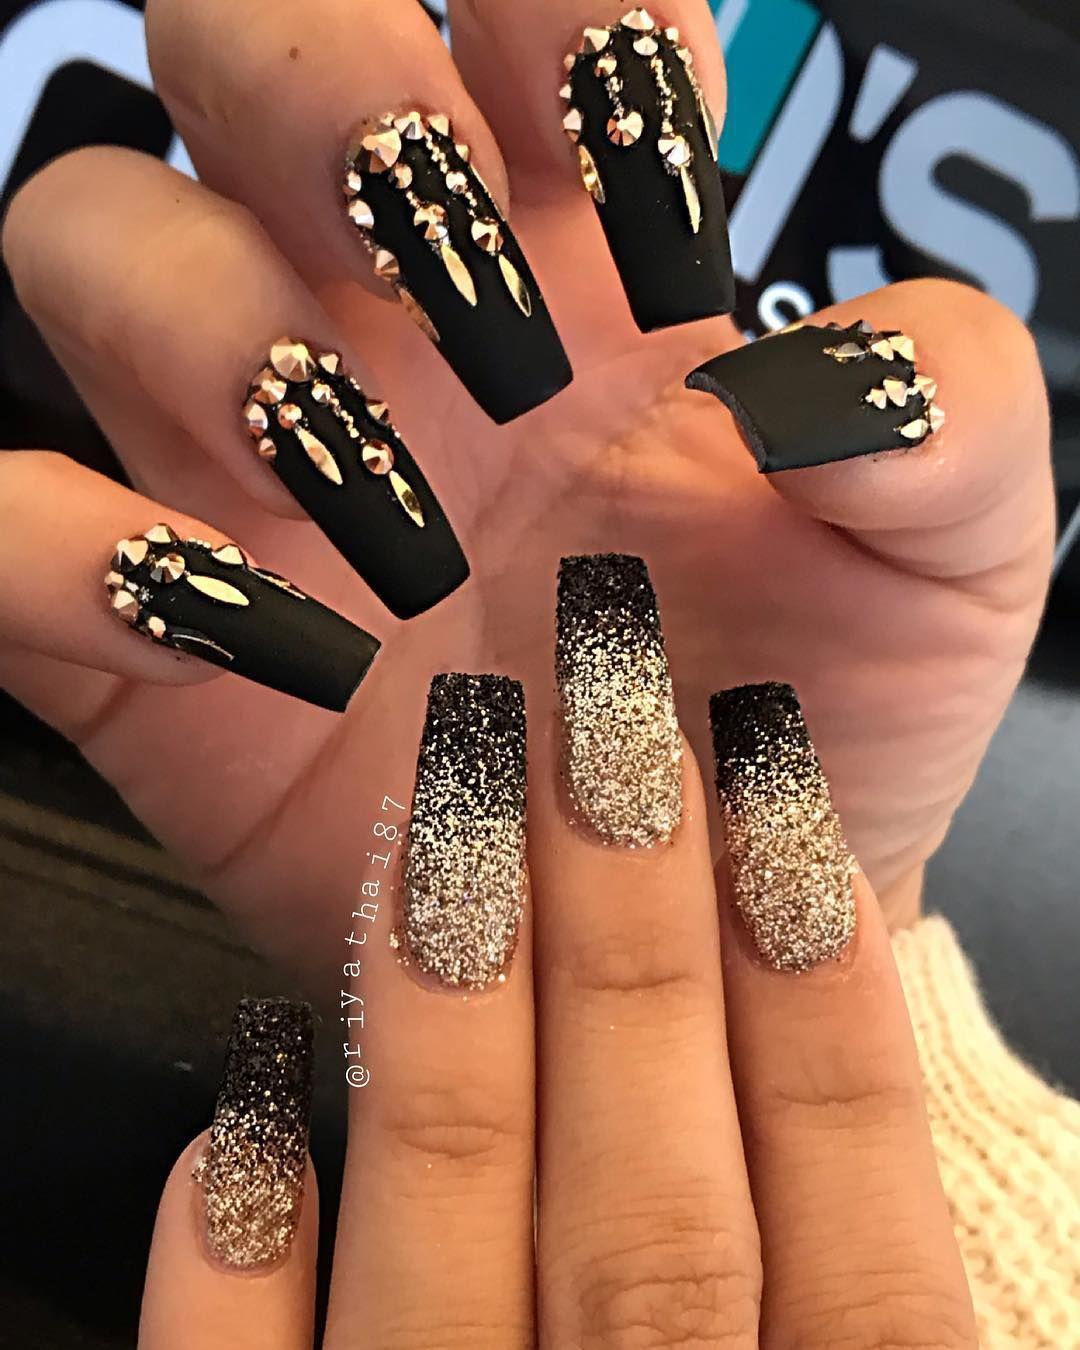 Riya S Nail Salon On Instagram Riyasgelpolish Extrablack Riyanowipemattetopcoat Cle Nailpro Gold Nails Gold Nail Designs Gold Acrylic Nails